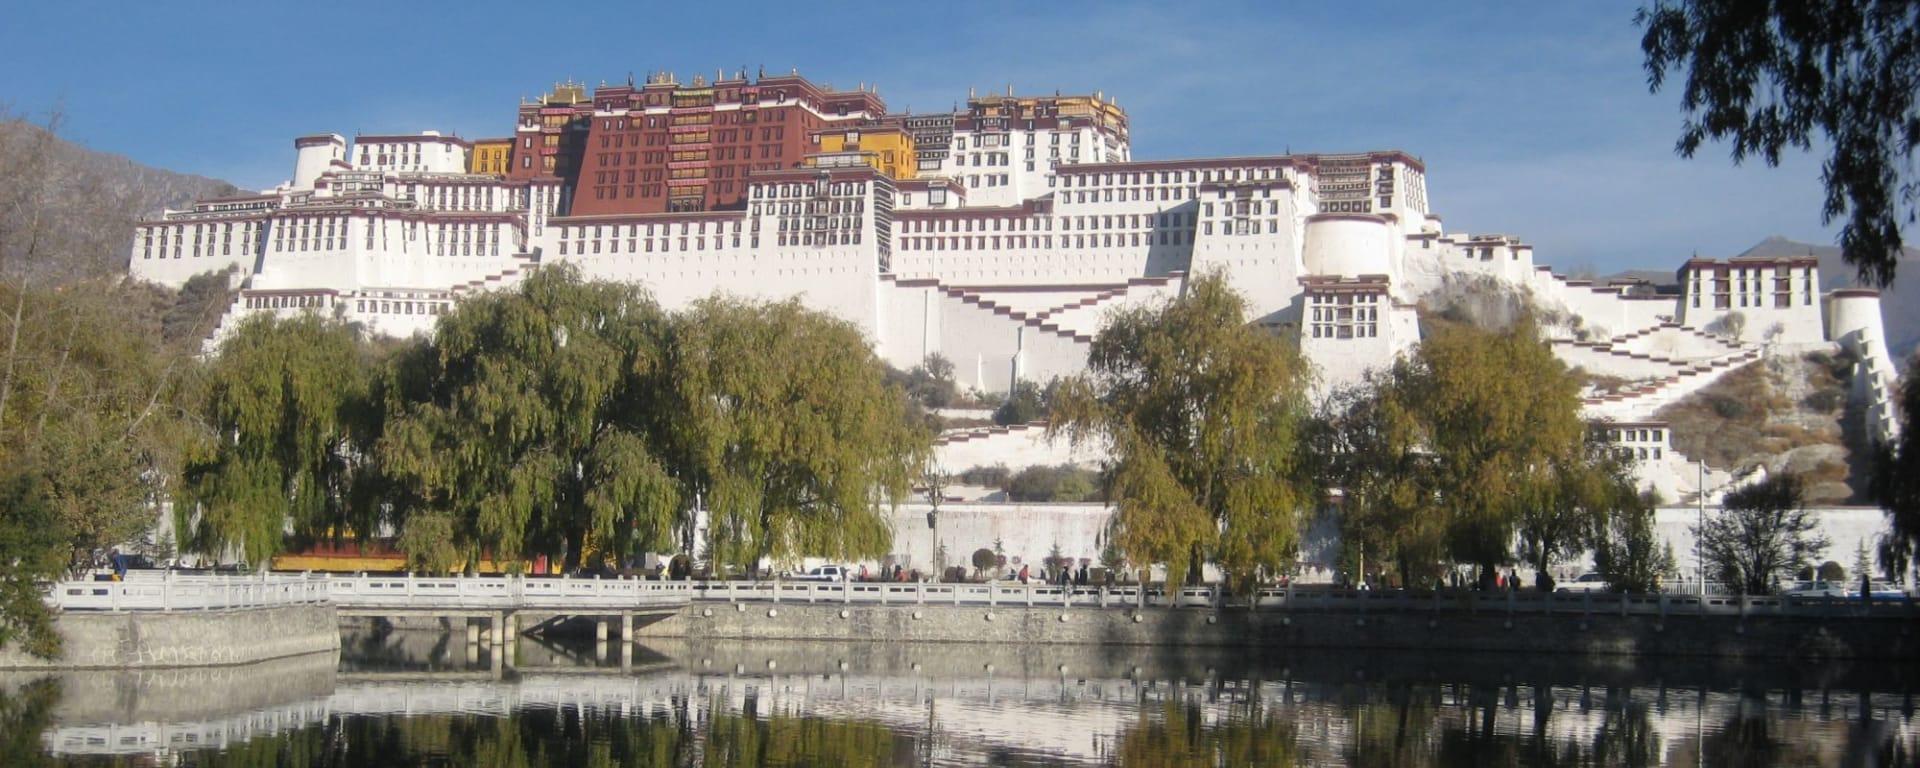 Die Magie des Tibets - Basisprogramm ab Lhasa: Lhasa Potala Palace